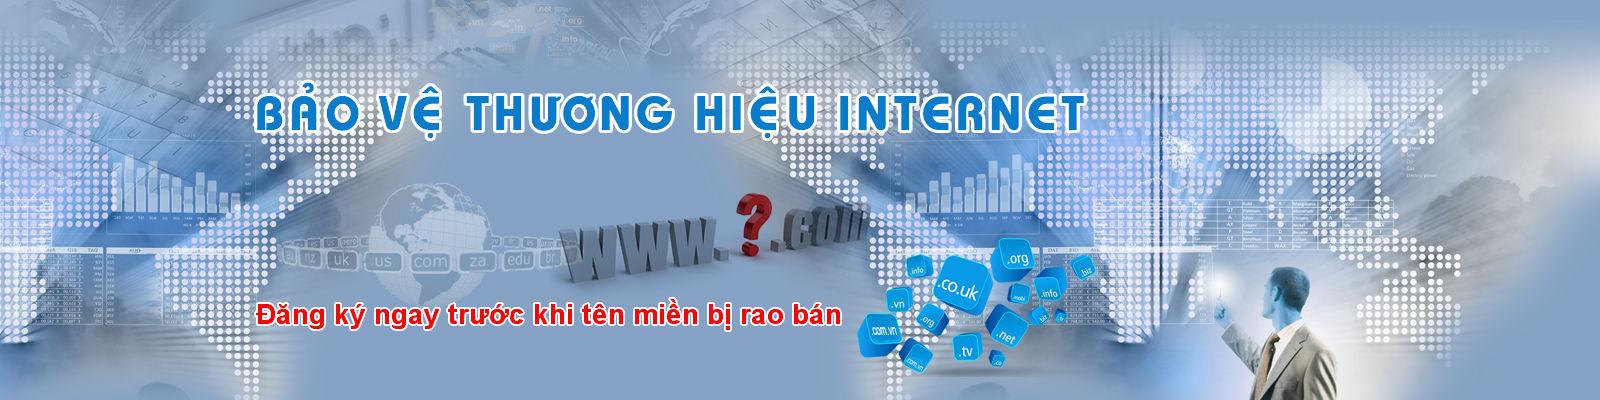 bao-ve-thuong-hieu-internet-new